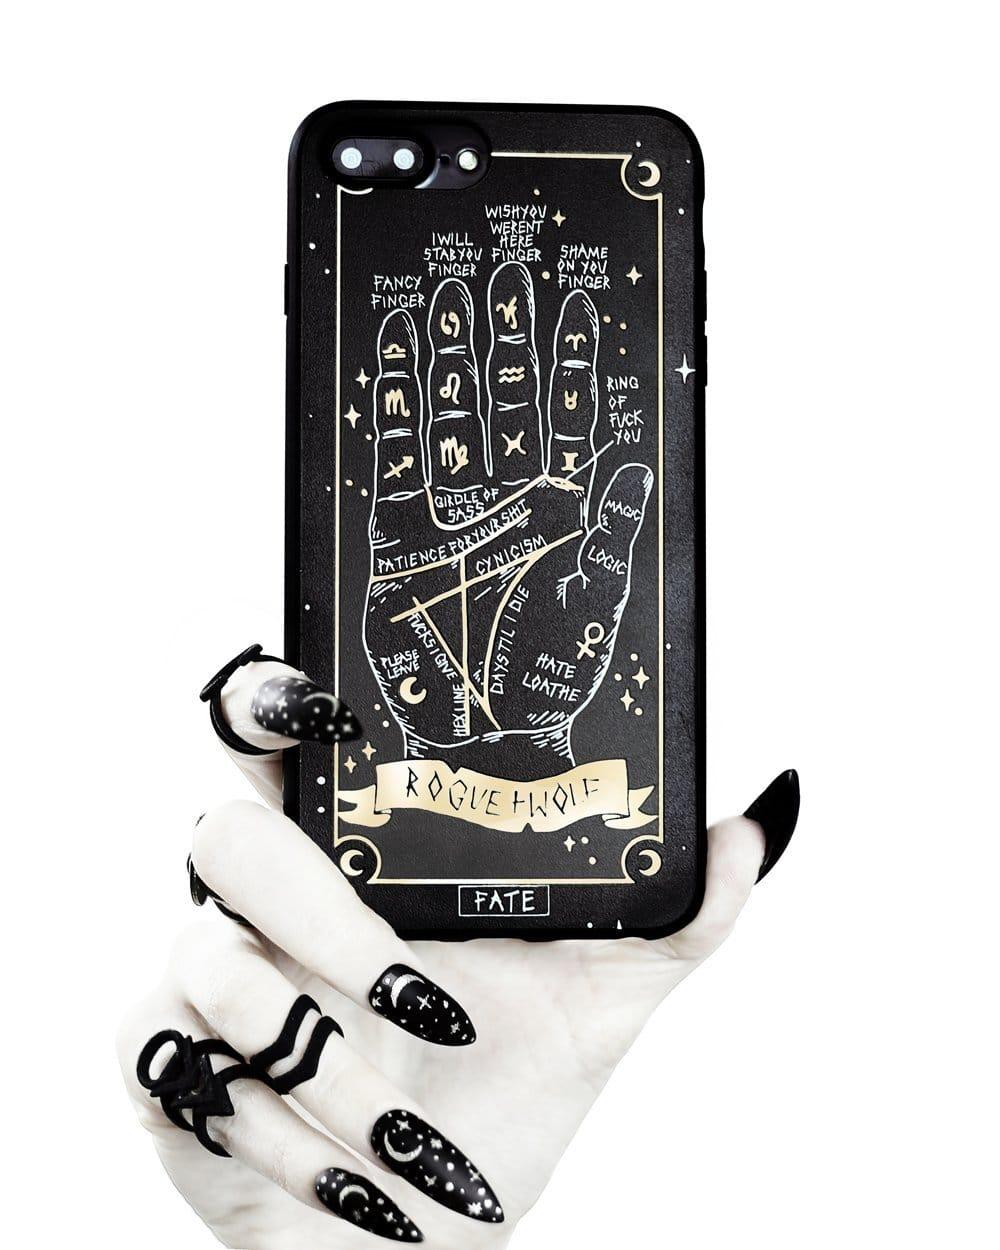 Fate Tarot Phone Case